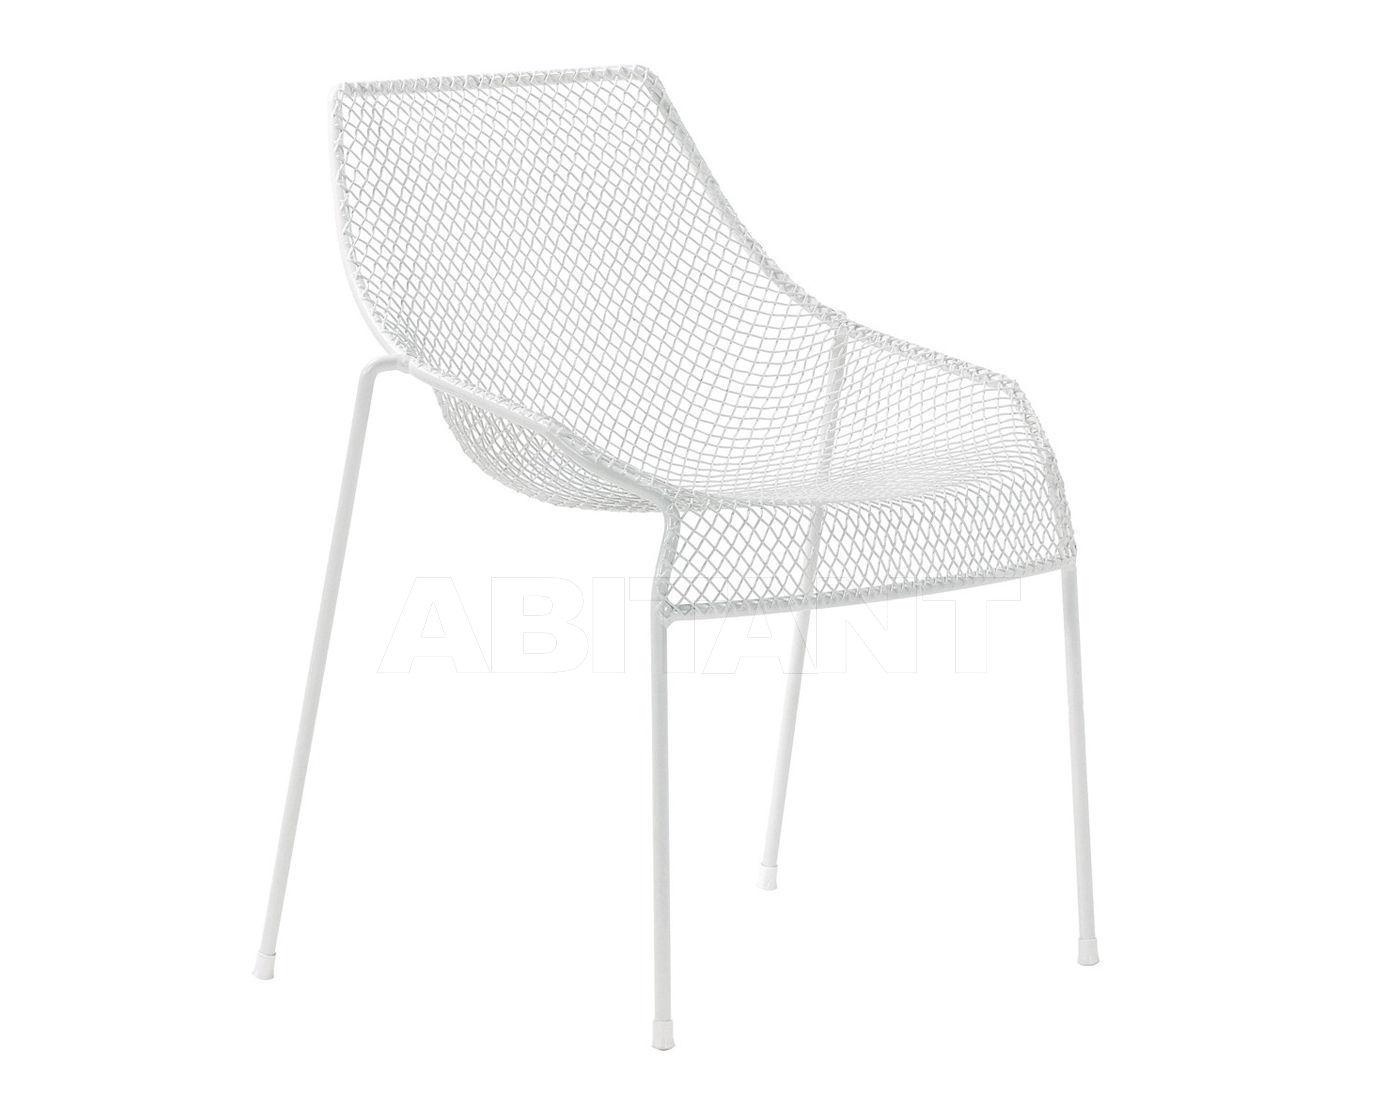 Купить Кресло для террасы Heaven Emu Group Hospitality 486